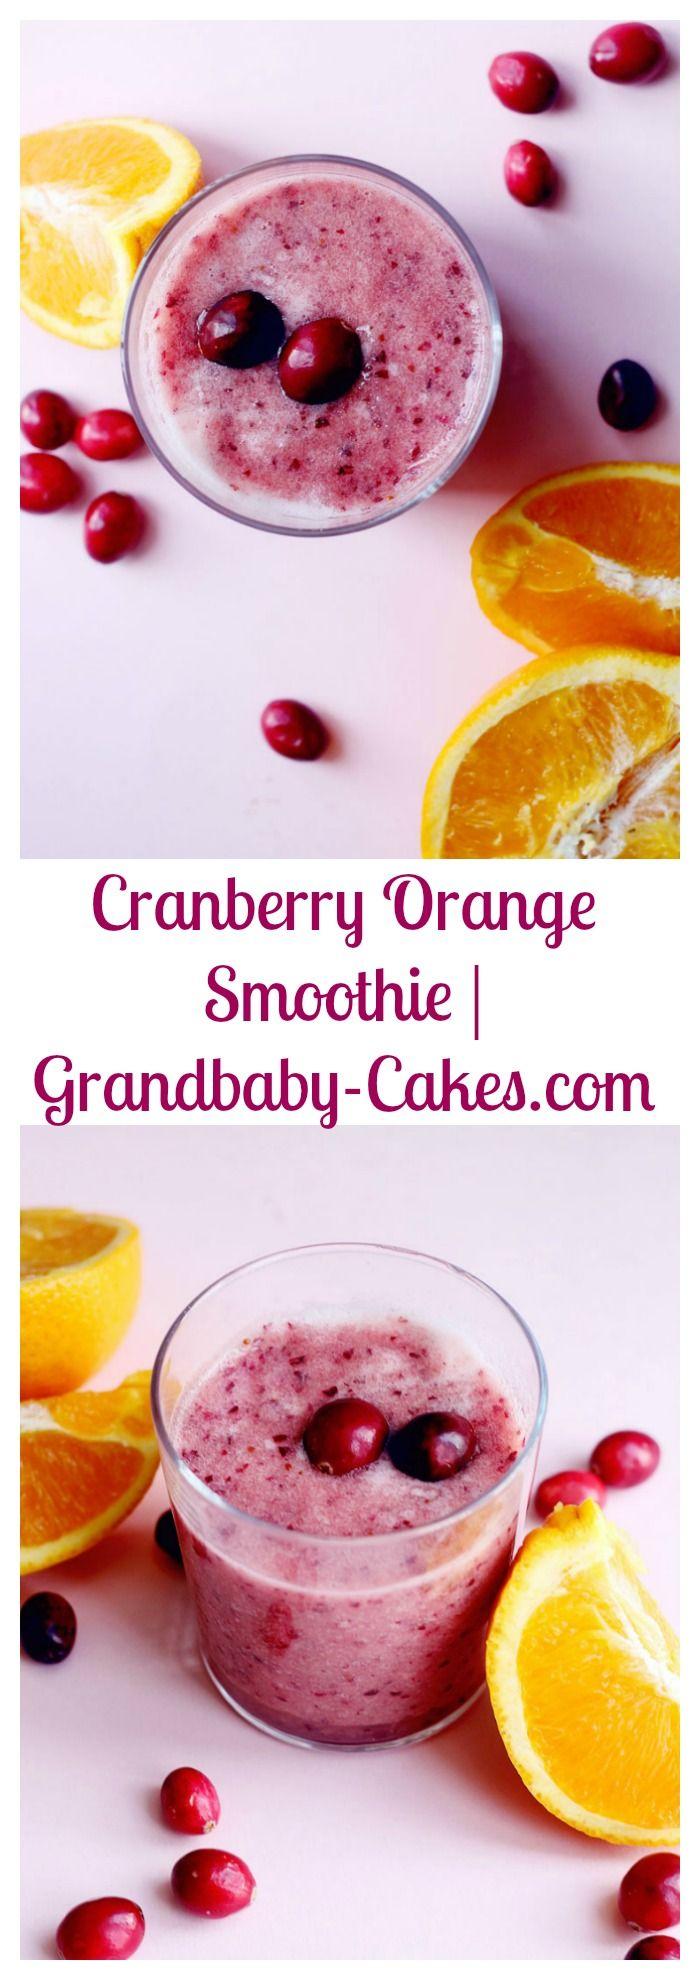 Cranberry Orange Smoothie | Grandbaby-Cakes.com